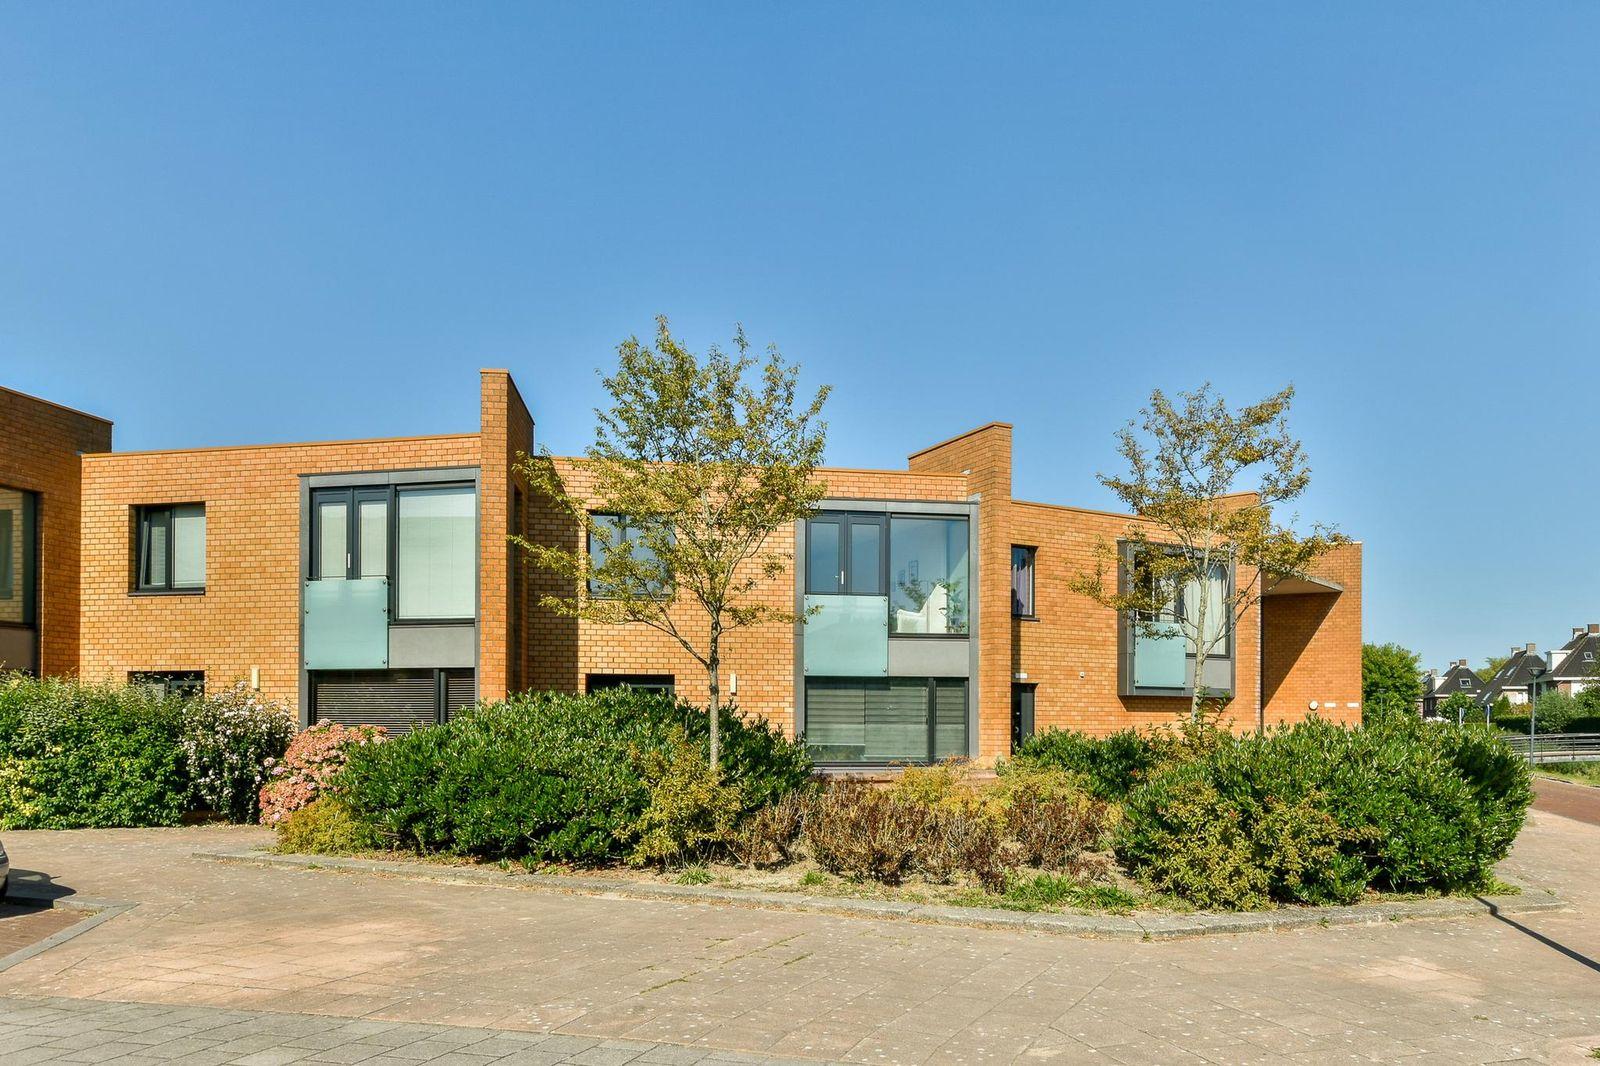 Belvedere 56, Hoofddorp